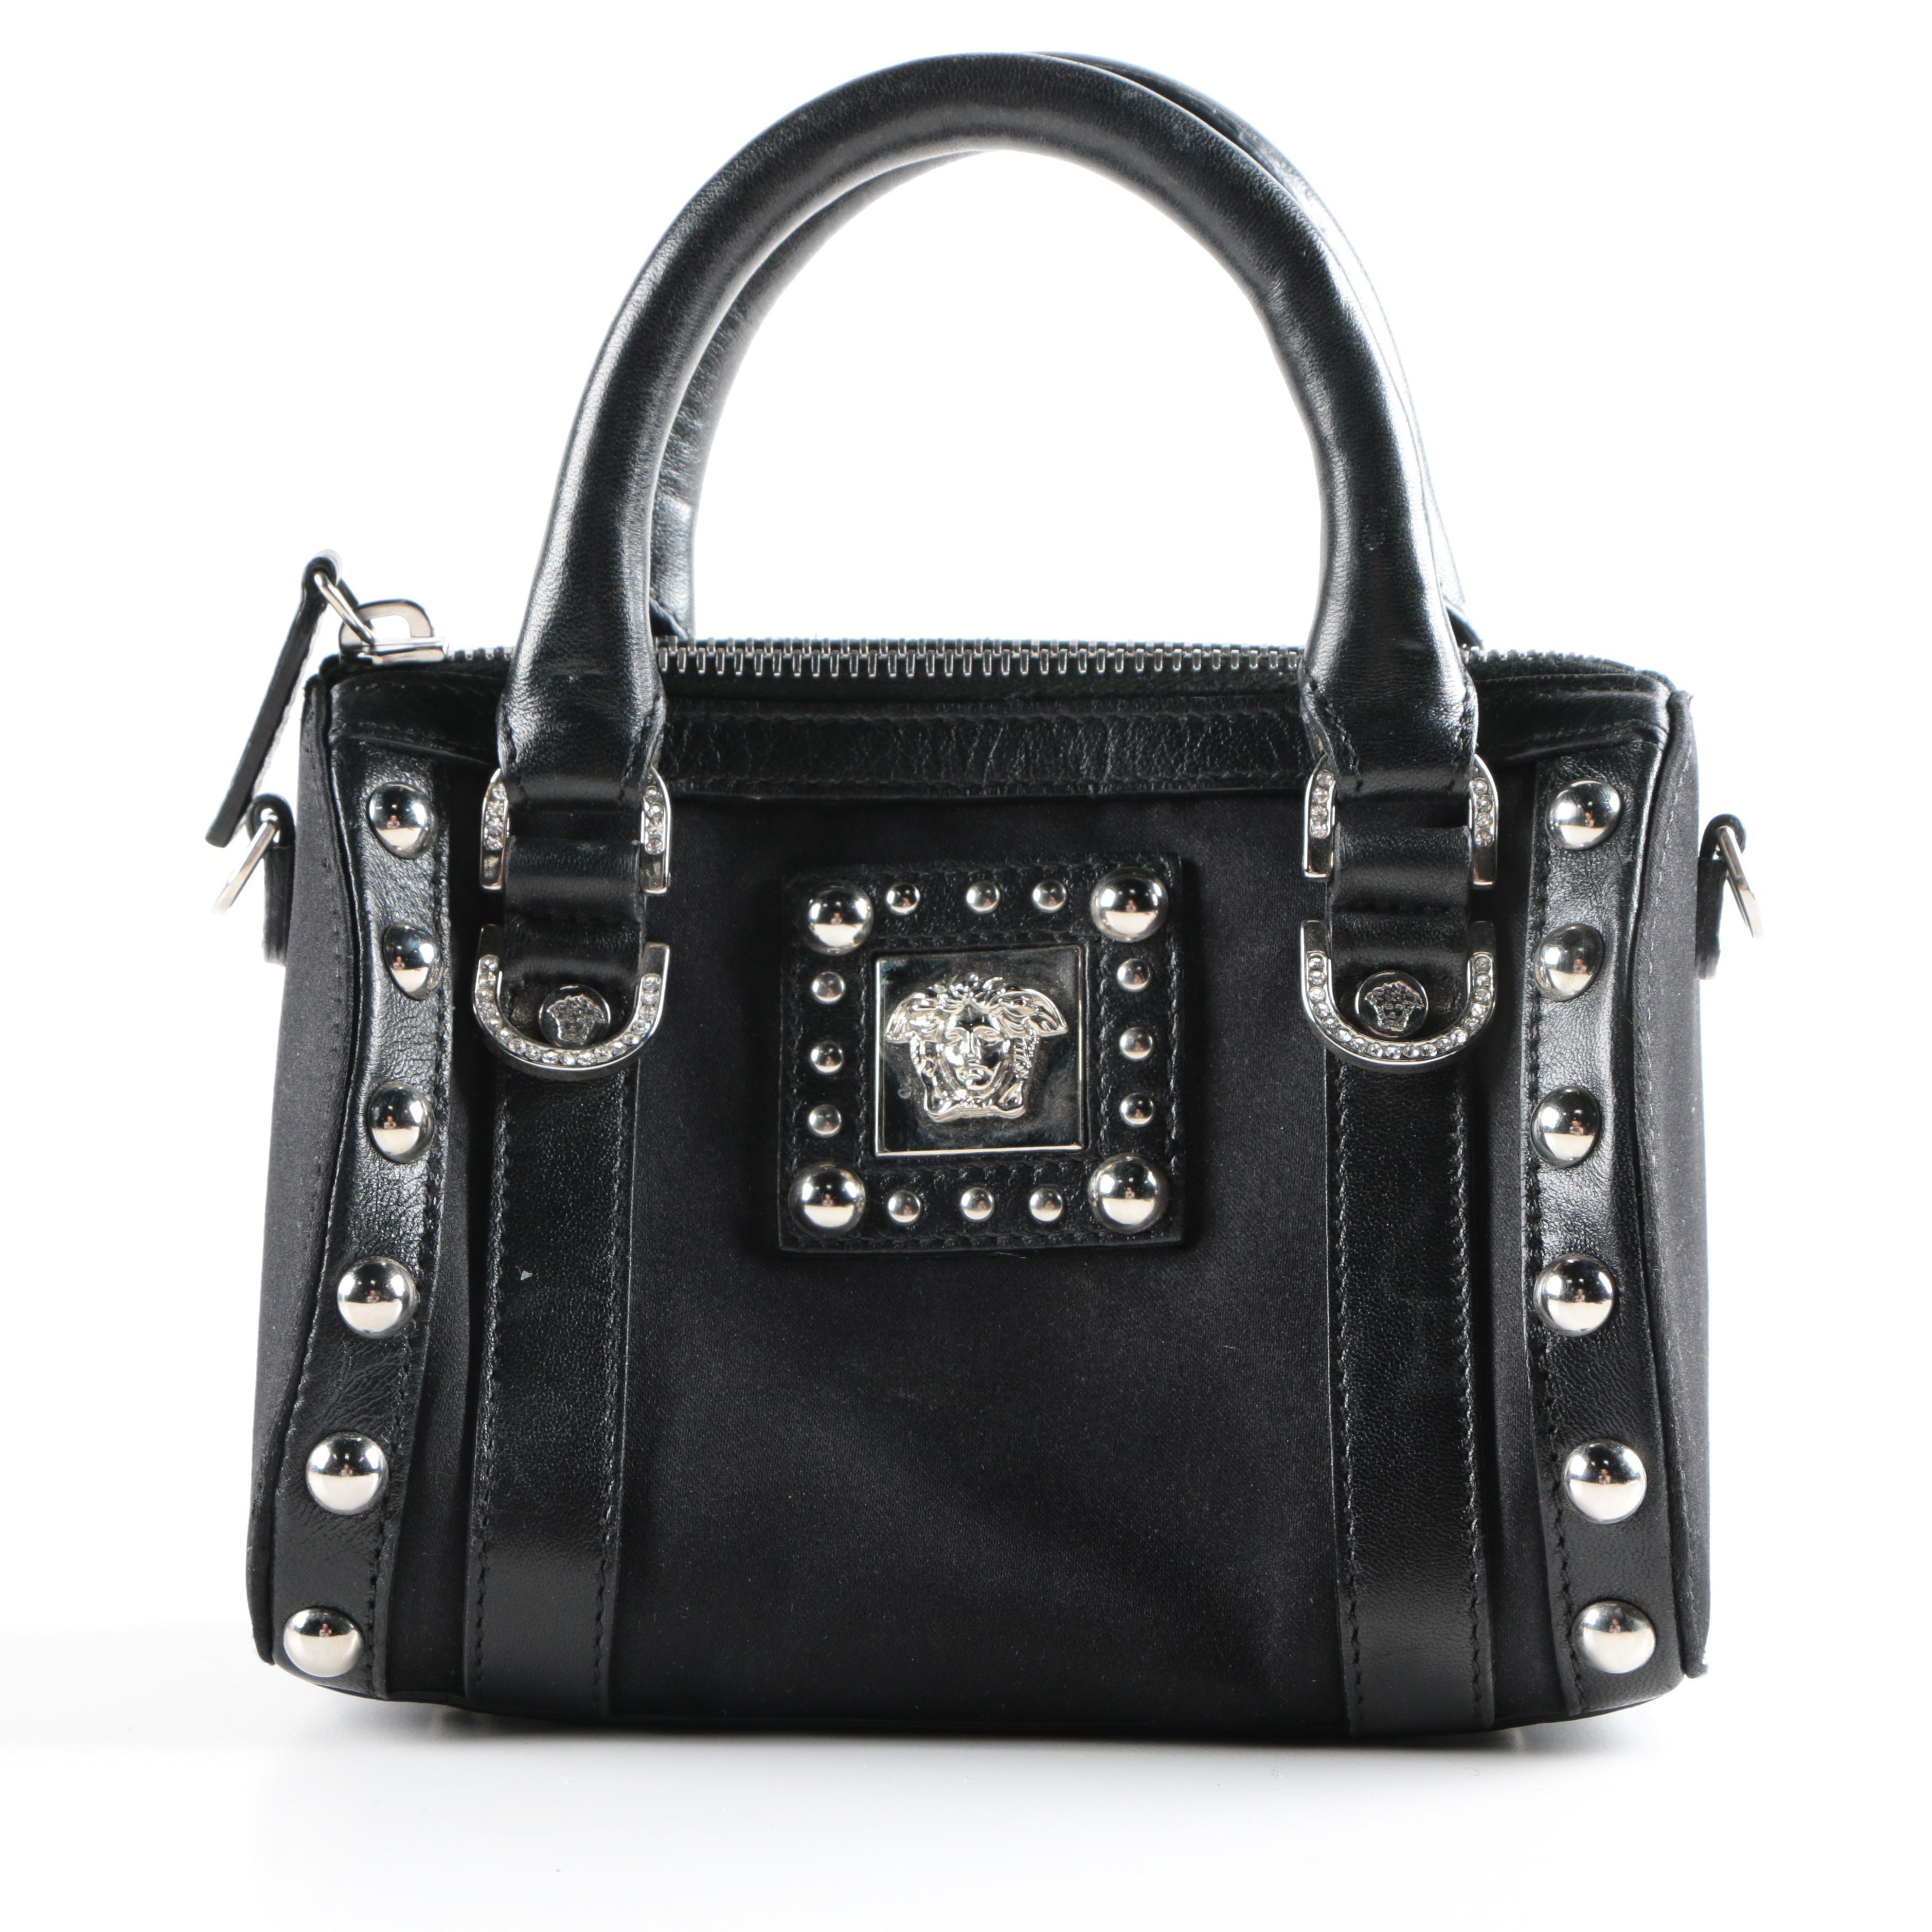 Versace Studded Black Mini Handbag